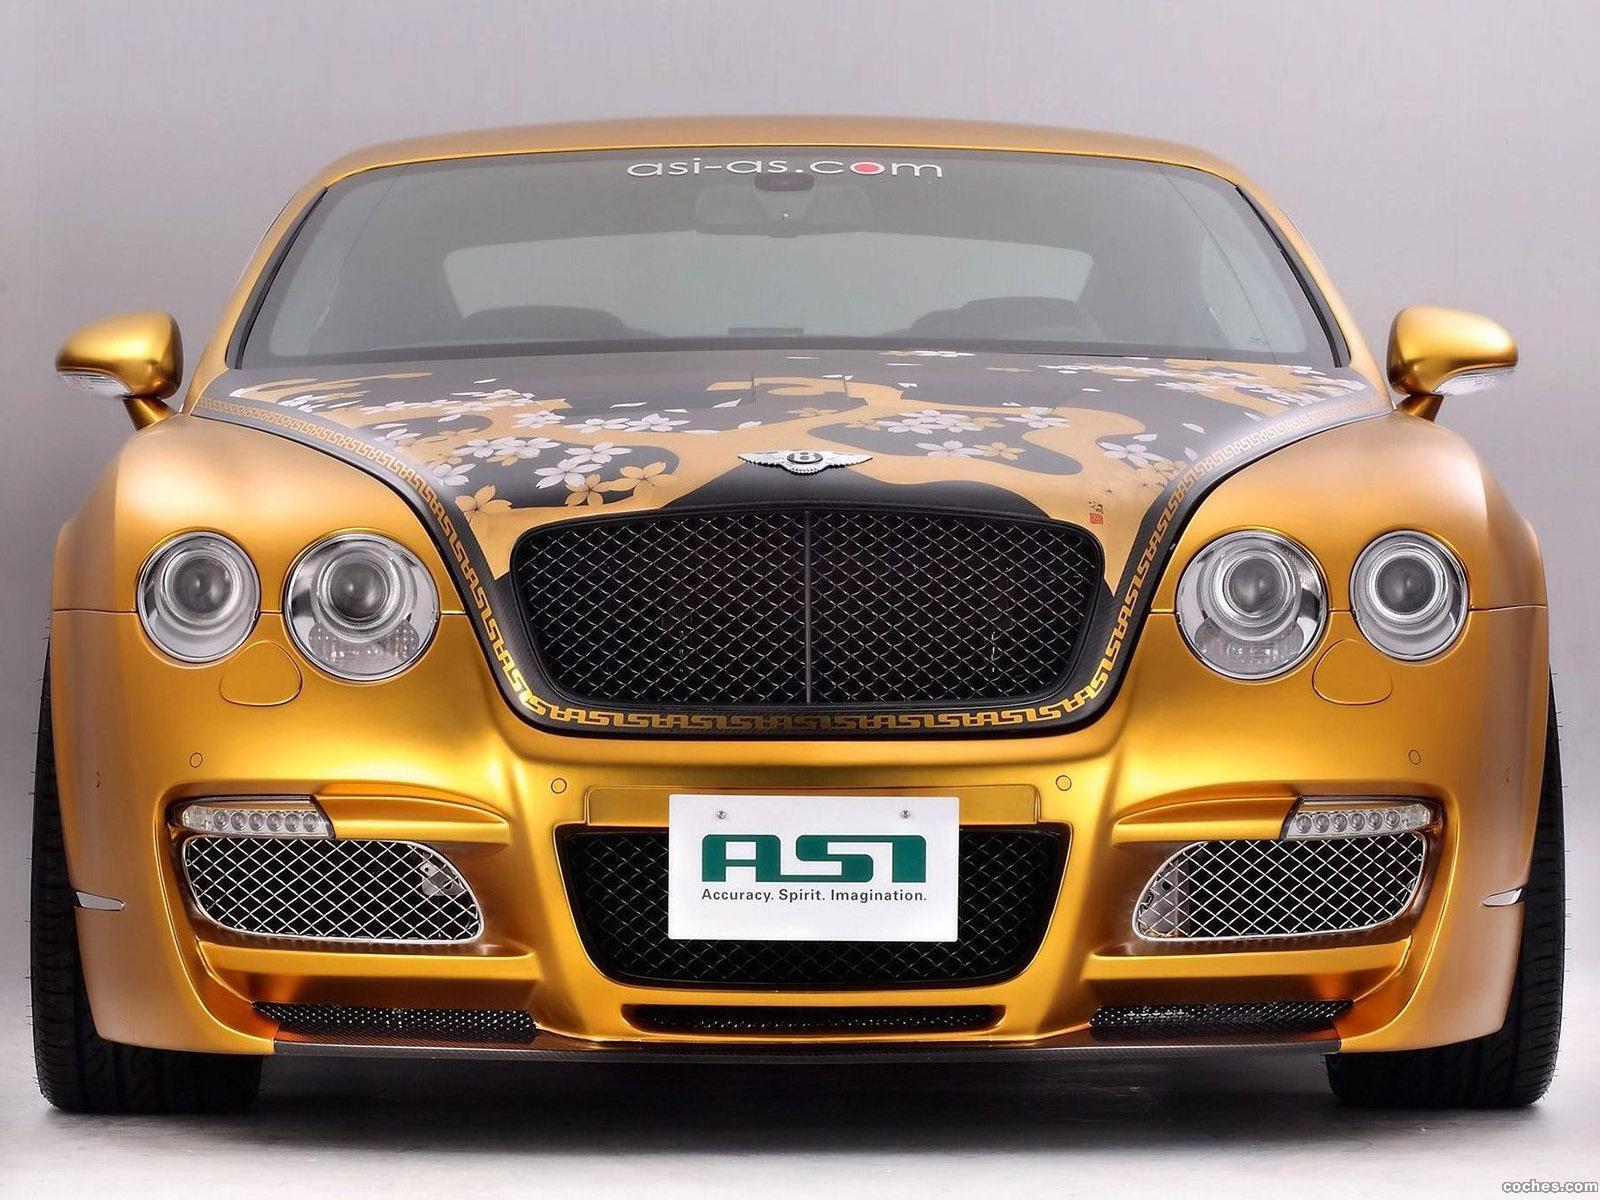 Foto 5 de Bentley Continental GTS Gold 2008